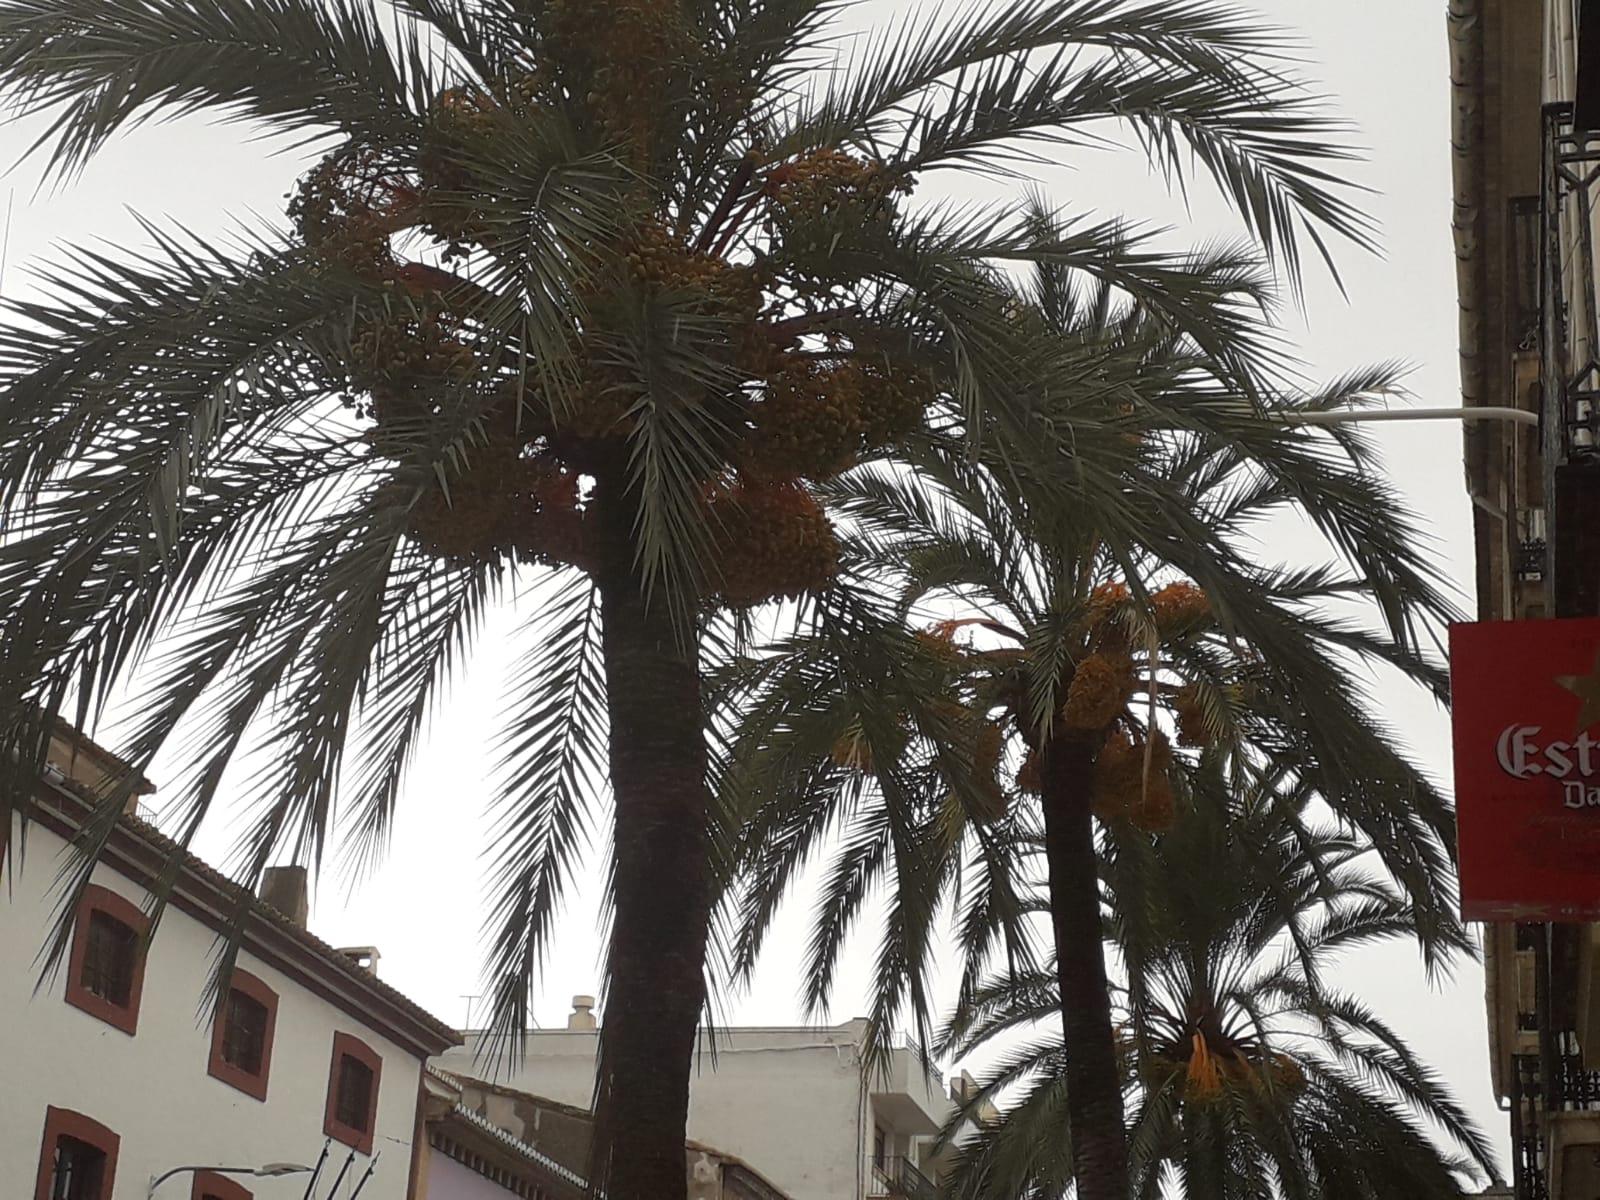 Palmeras de la Avenida Alicante